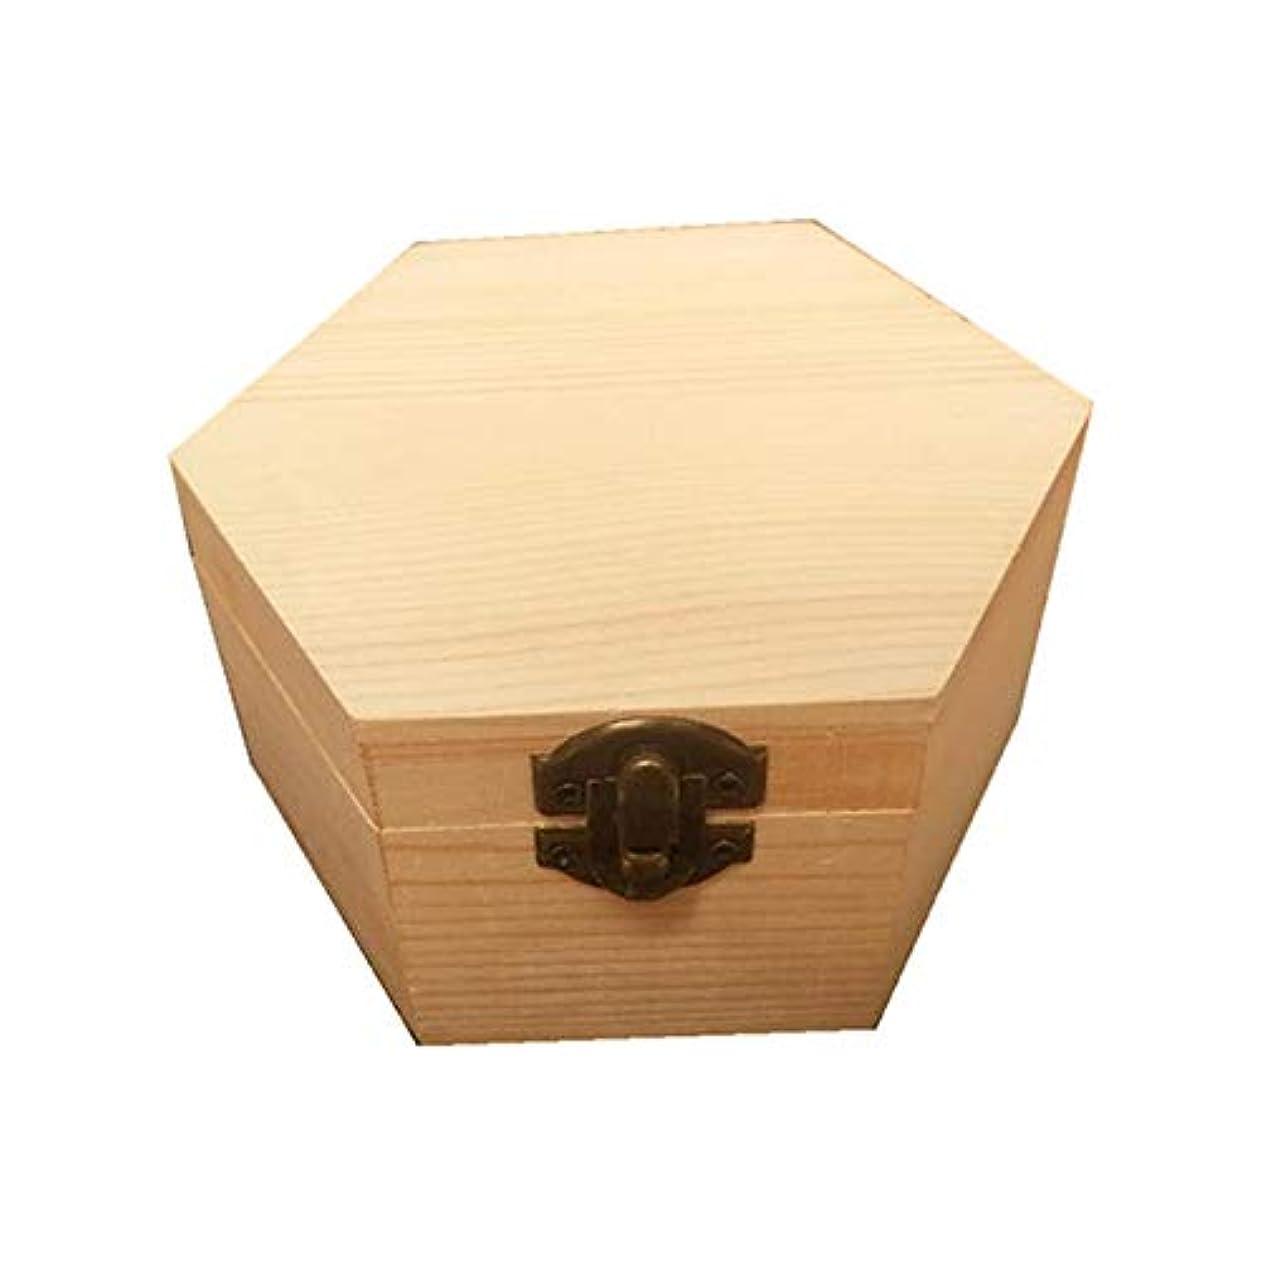 リングバック大量シティエッセンシャルオイル収納ボックス 手作りの木製ギフトボックスパーフェクトエッセンシャルオイルケース13x11.3x6.8cmでエッセンシャルオイル ポータブル収納ボックス (色 : Natural, サイズ : 13X11.3X6.8CM)